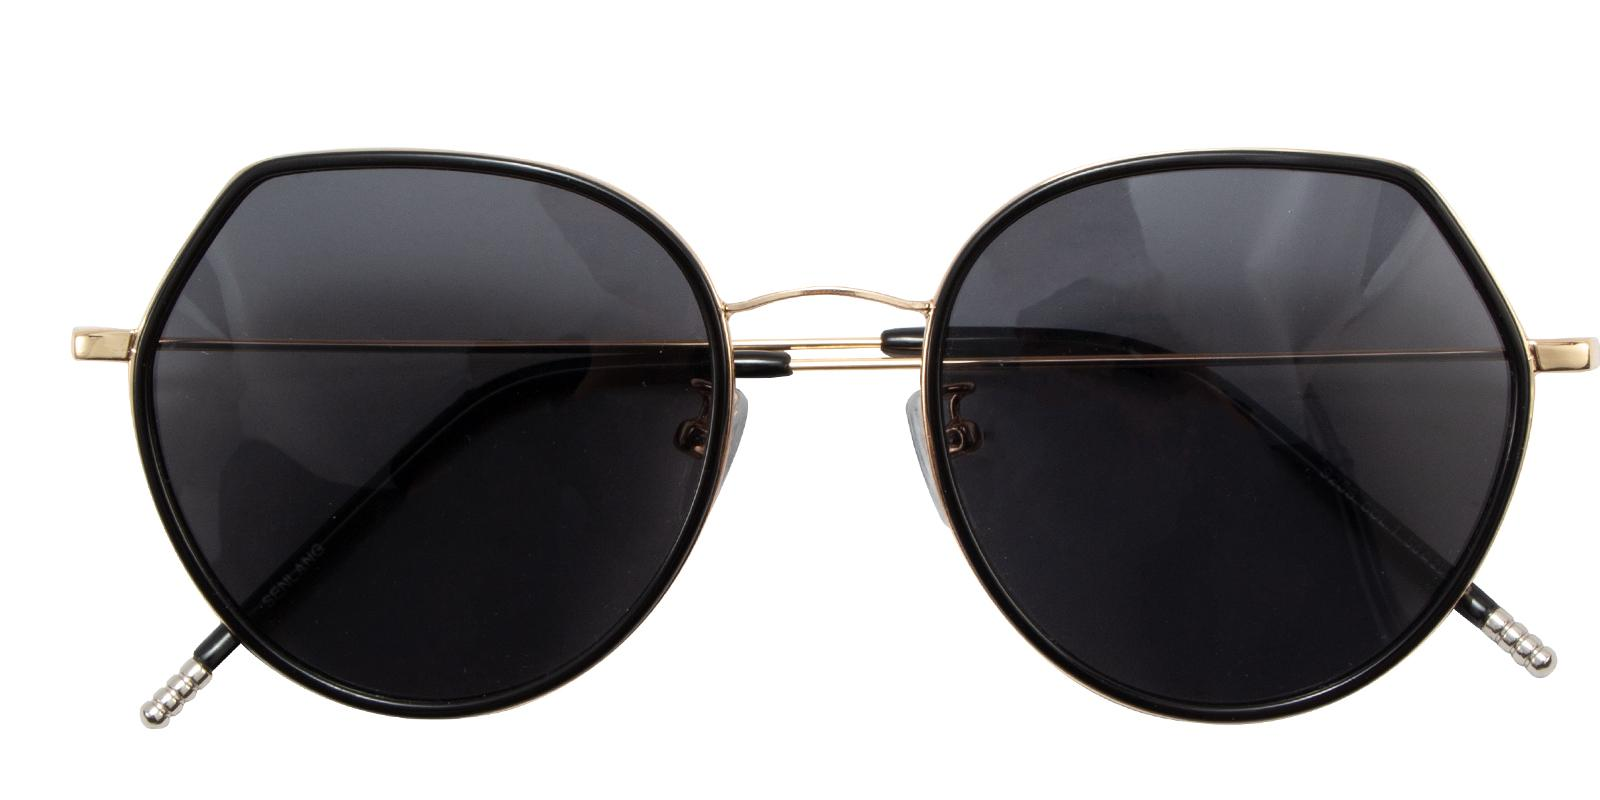 Calypso Black TR NosePads , Sunglasses Frames from ABBE Glasses